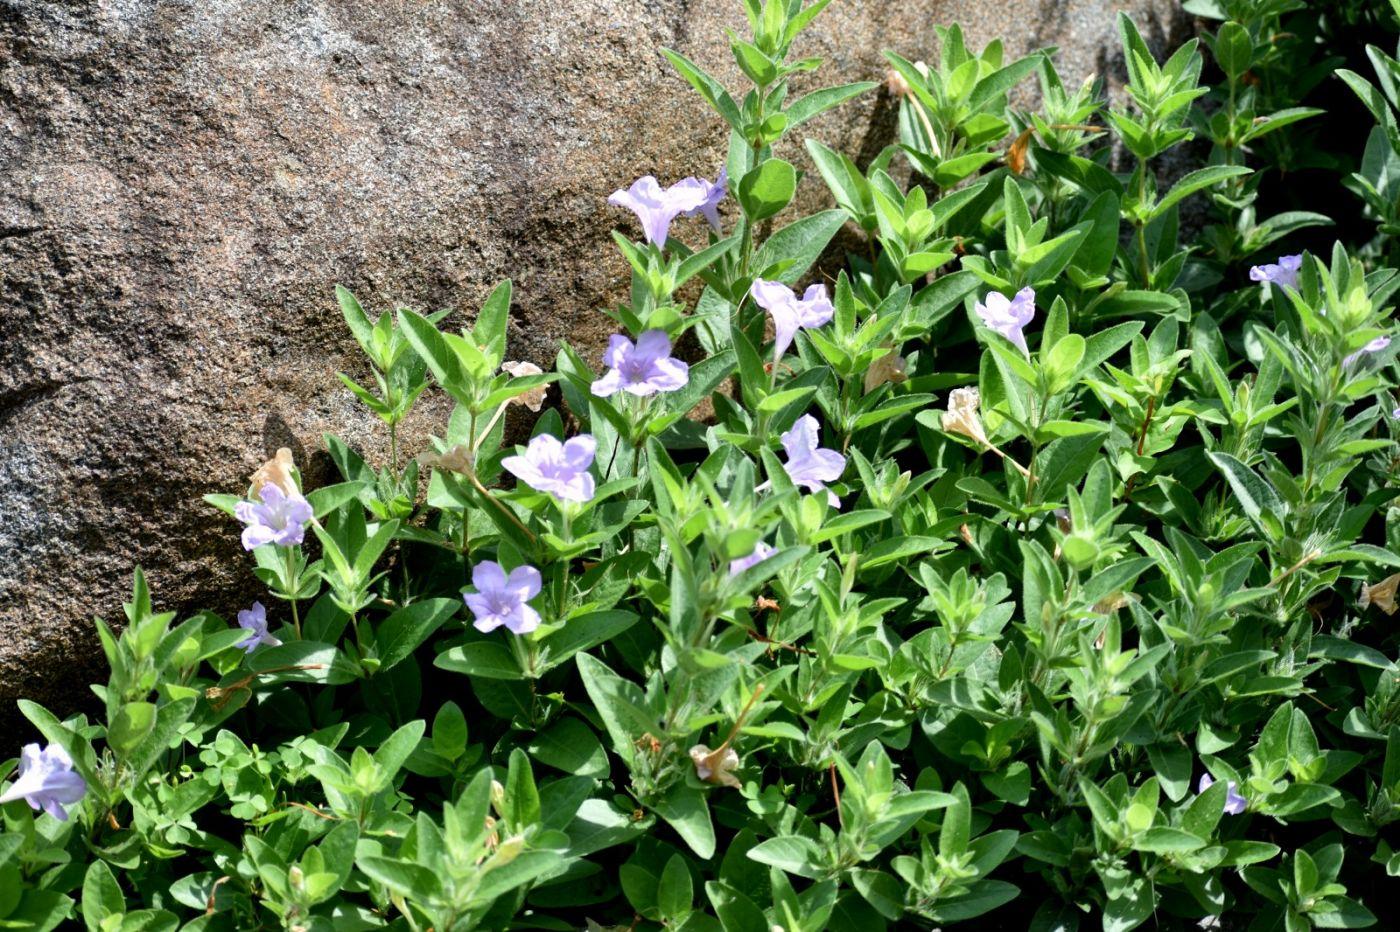 翠芦莉和蔓性芦莉_图1-22